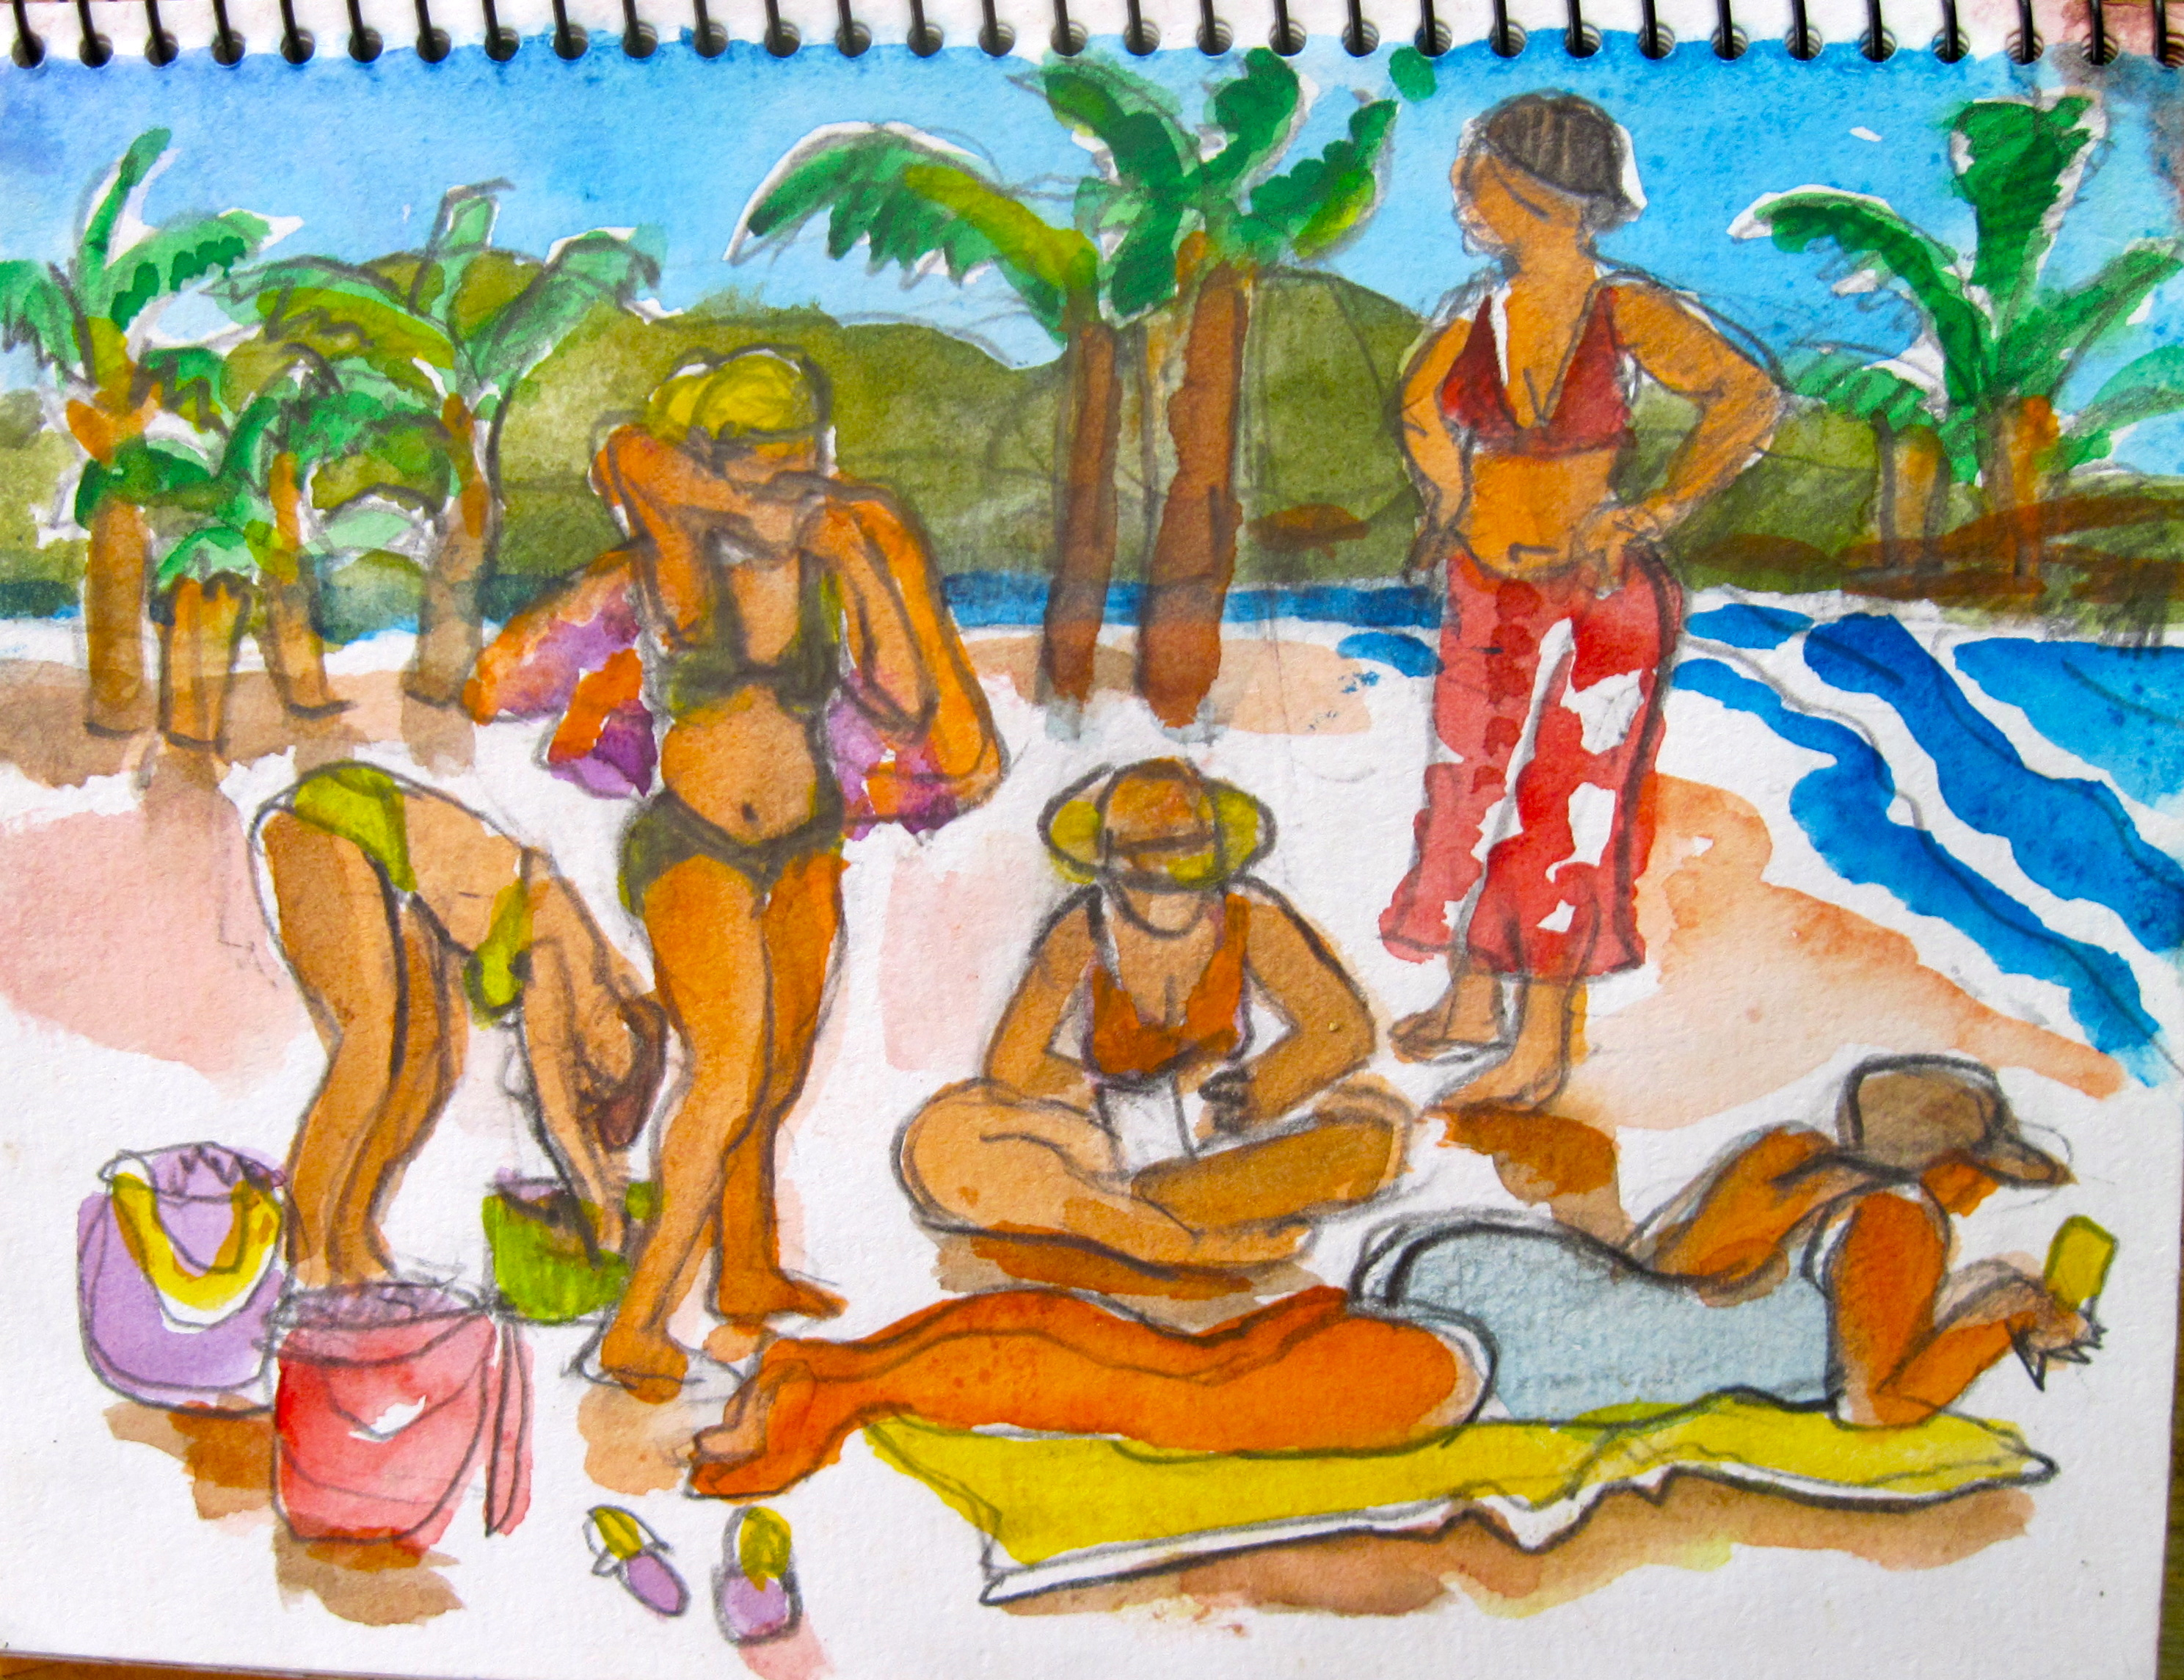 culebra watercolor 3.jpg